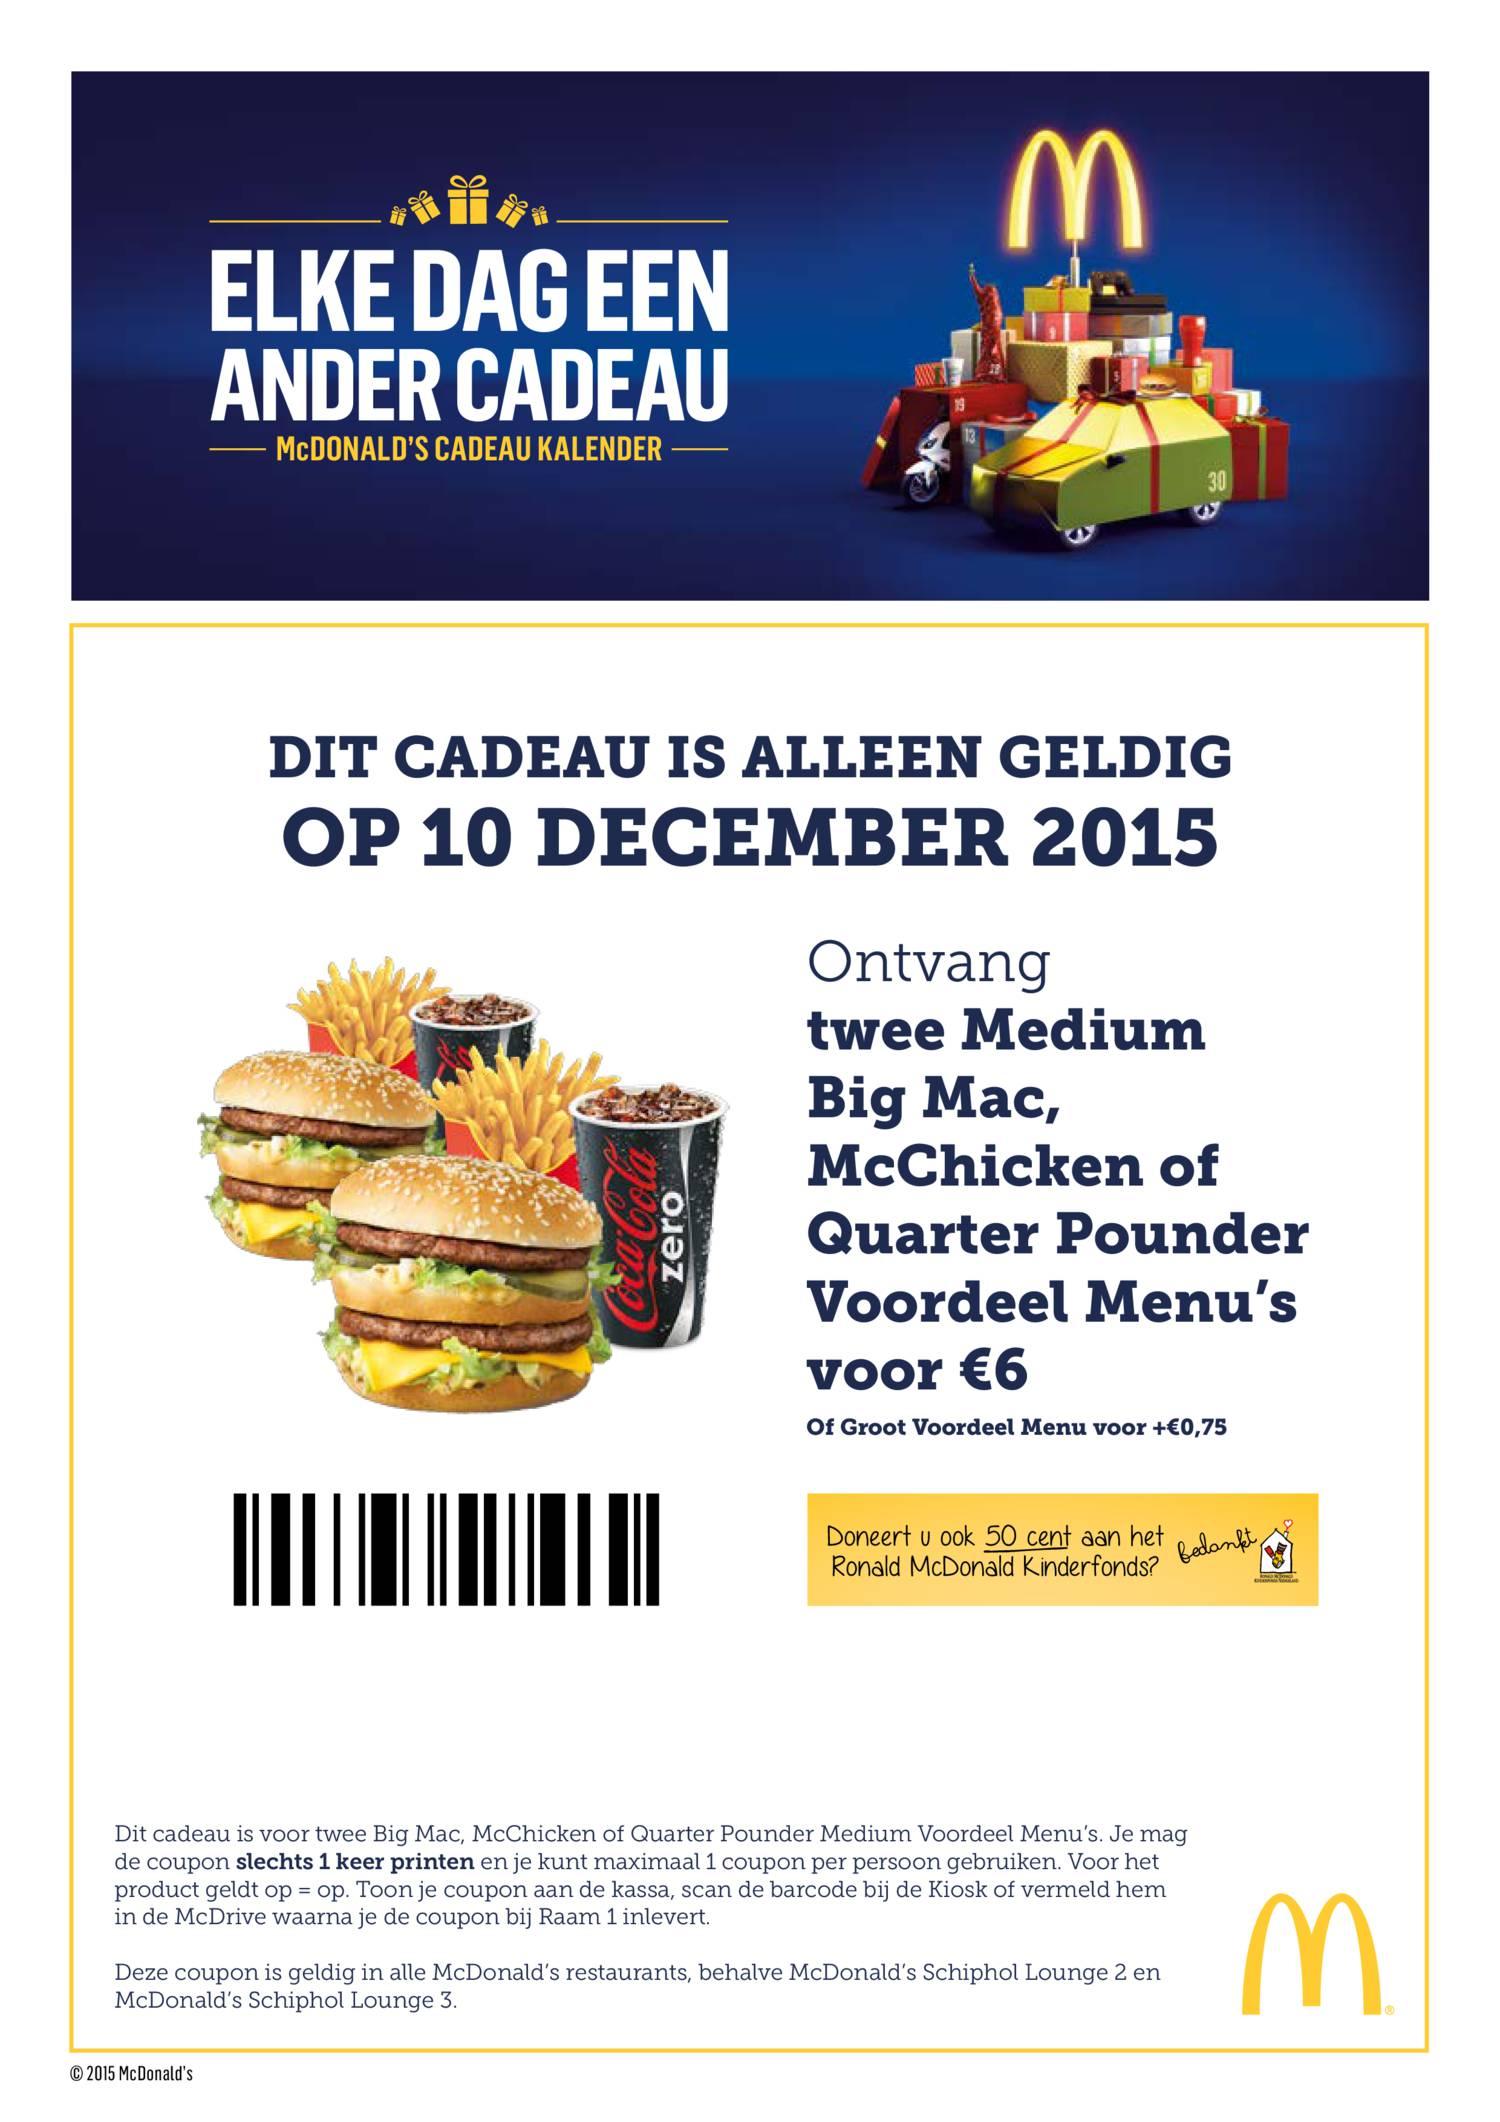 Twee Medium Bigmac, McChicken of Quarter Pounder Voordeel Menu's voor 6 euro @ McDonald's